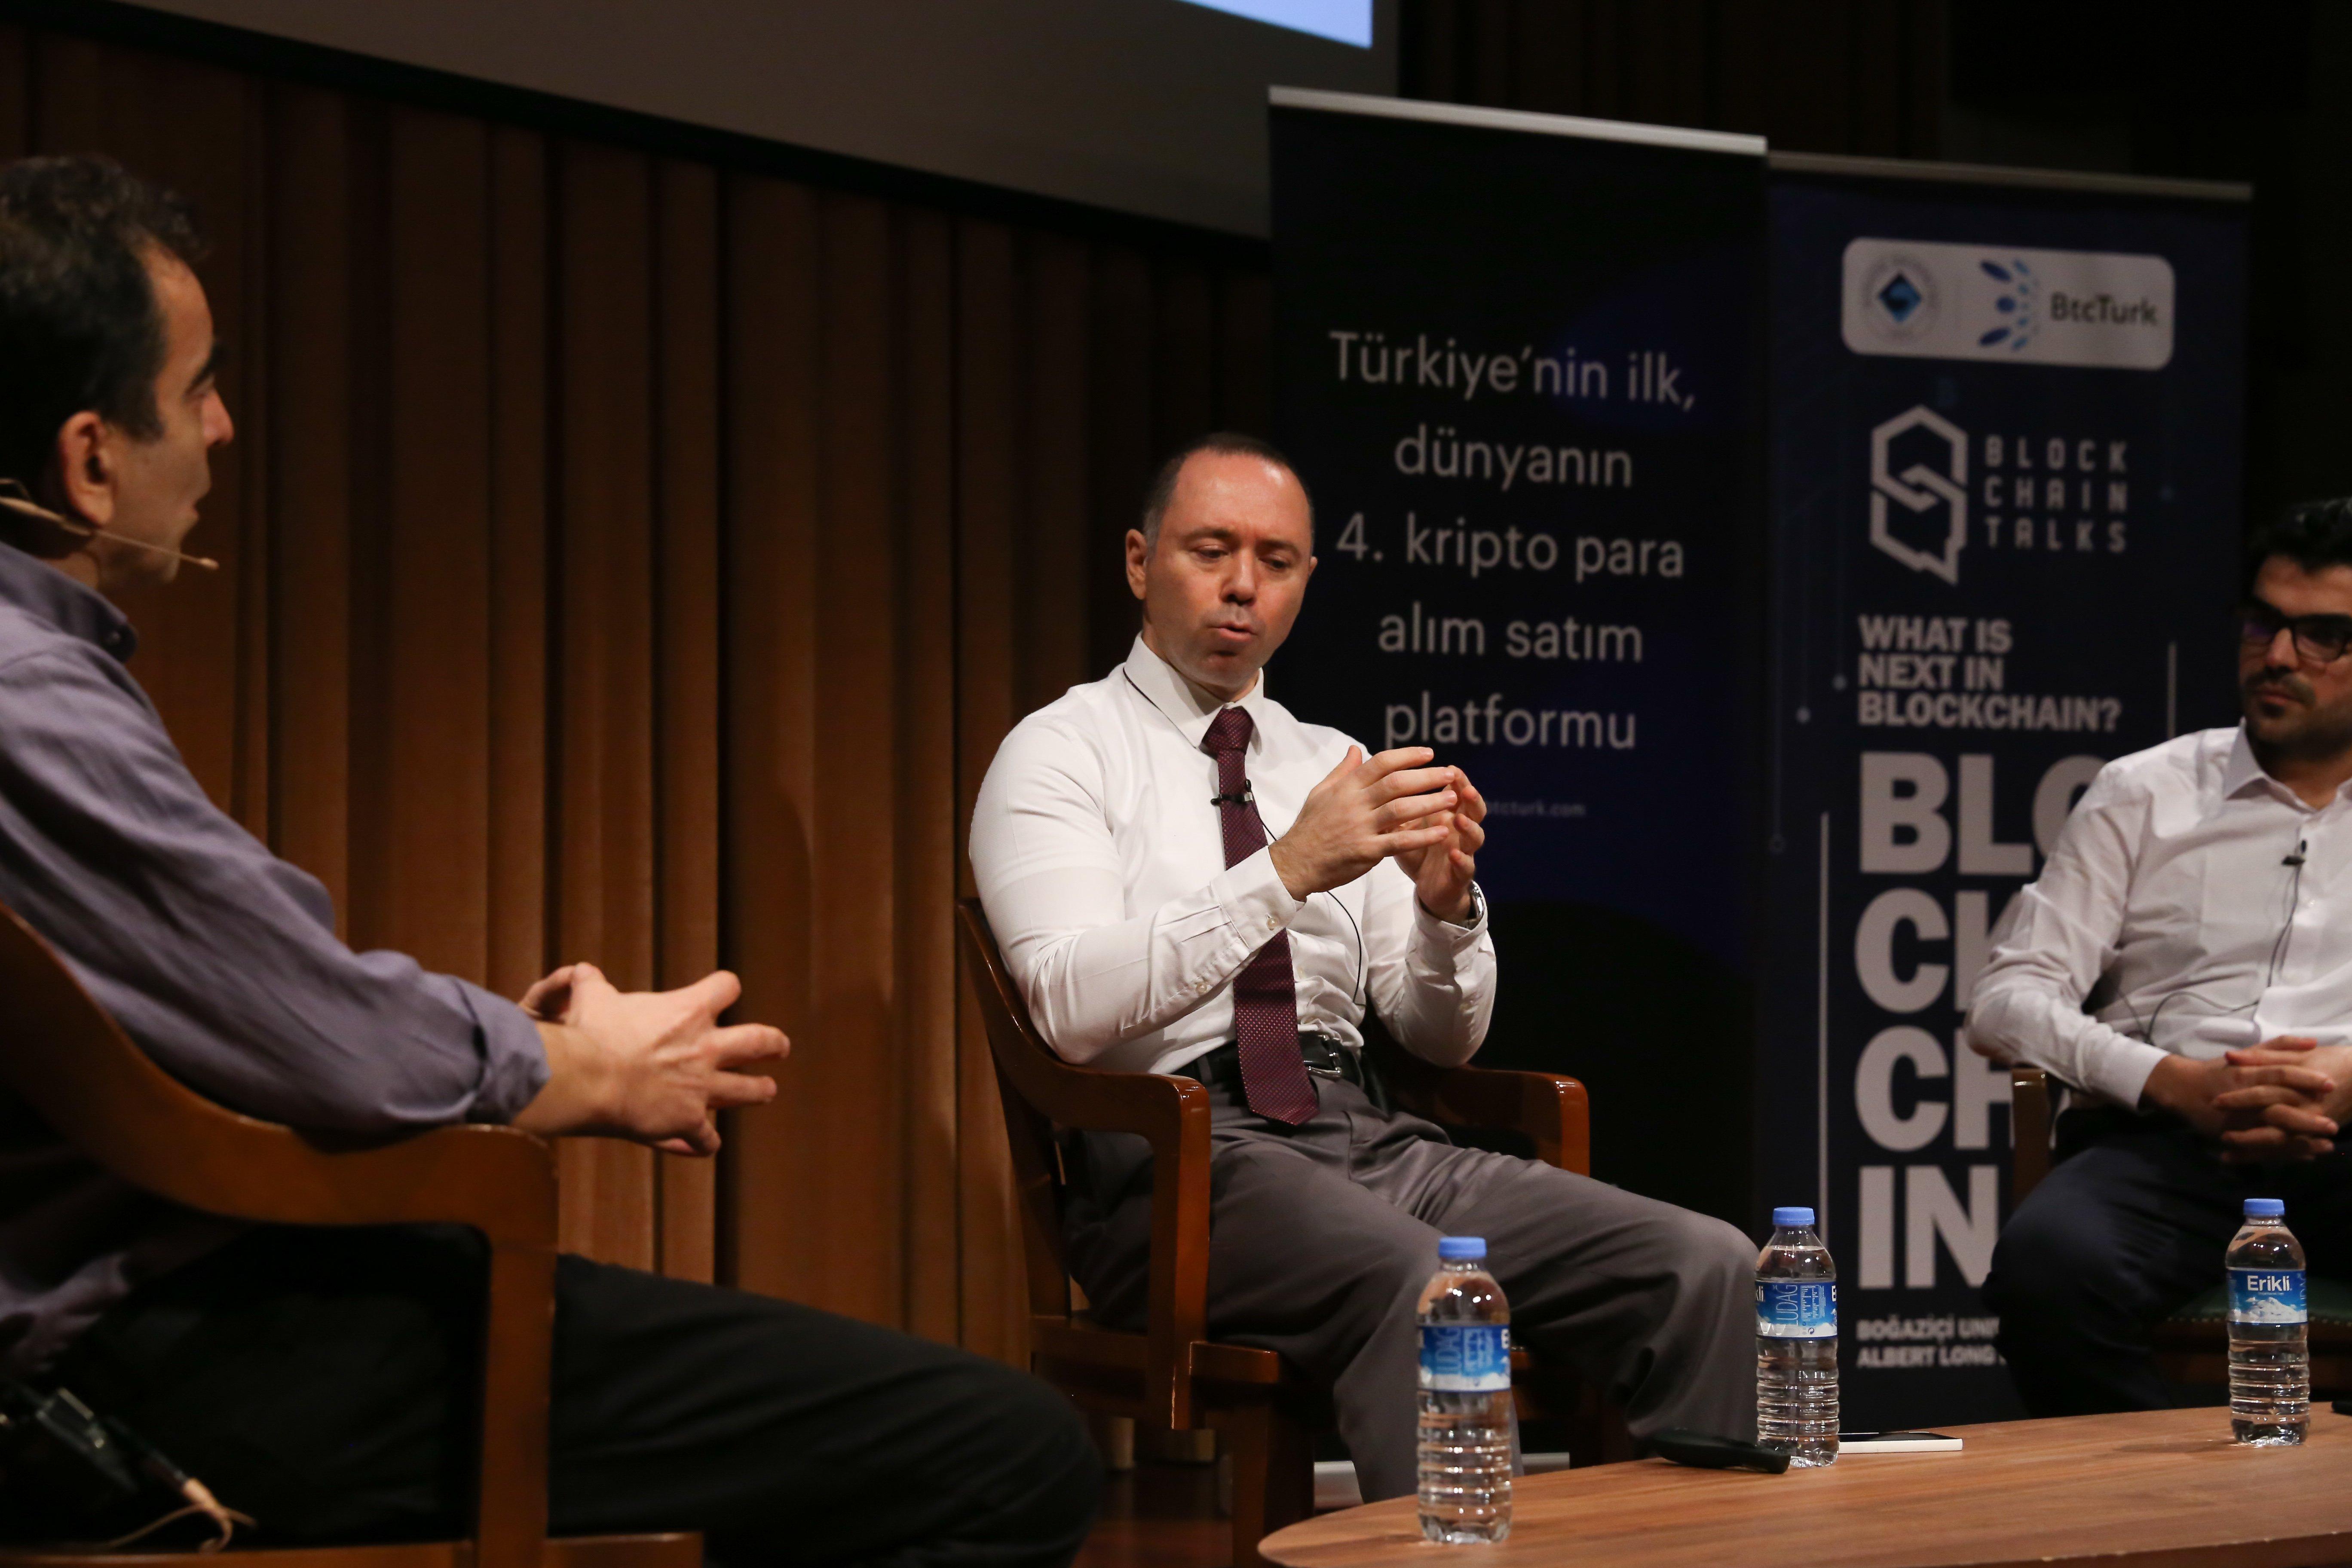 Kripto Paralara Şant Manukyan'ın Bakış Açısından